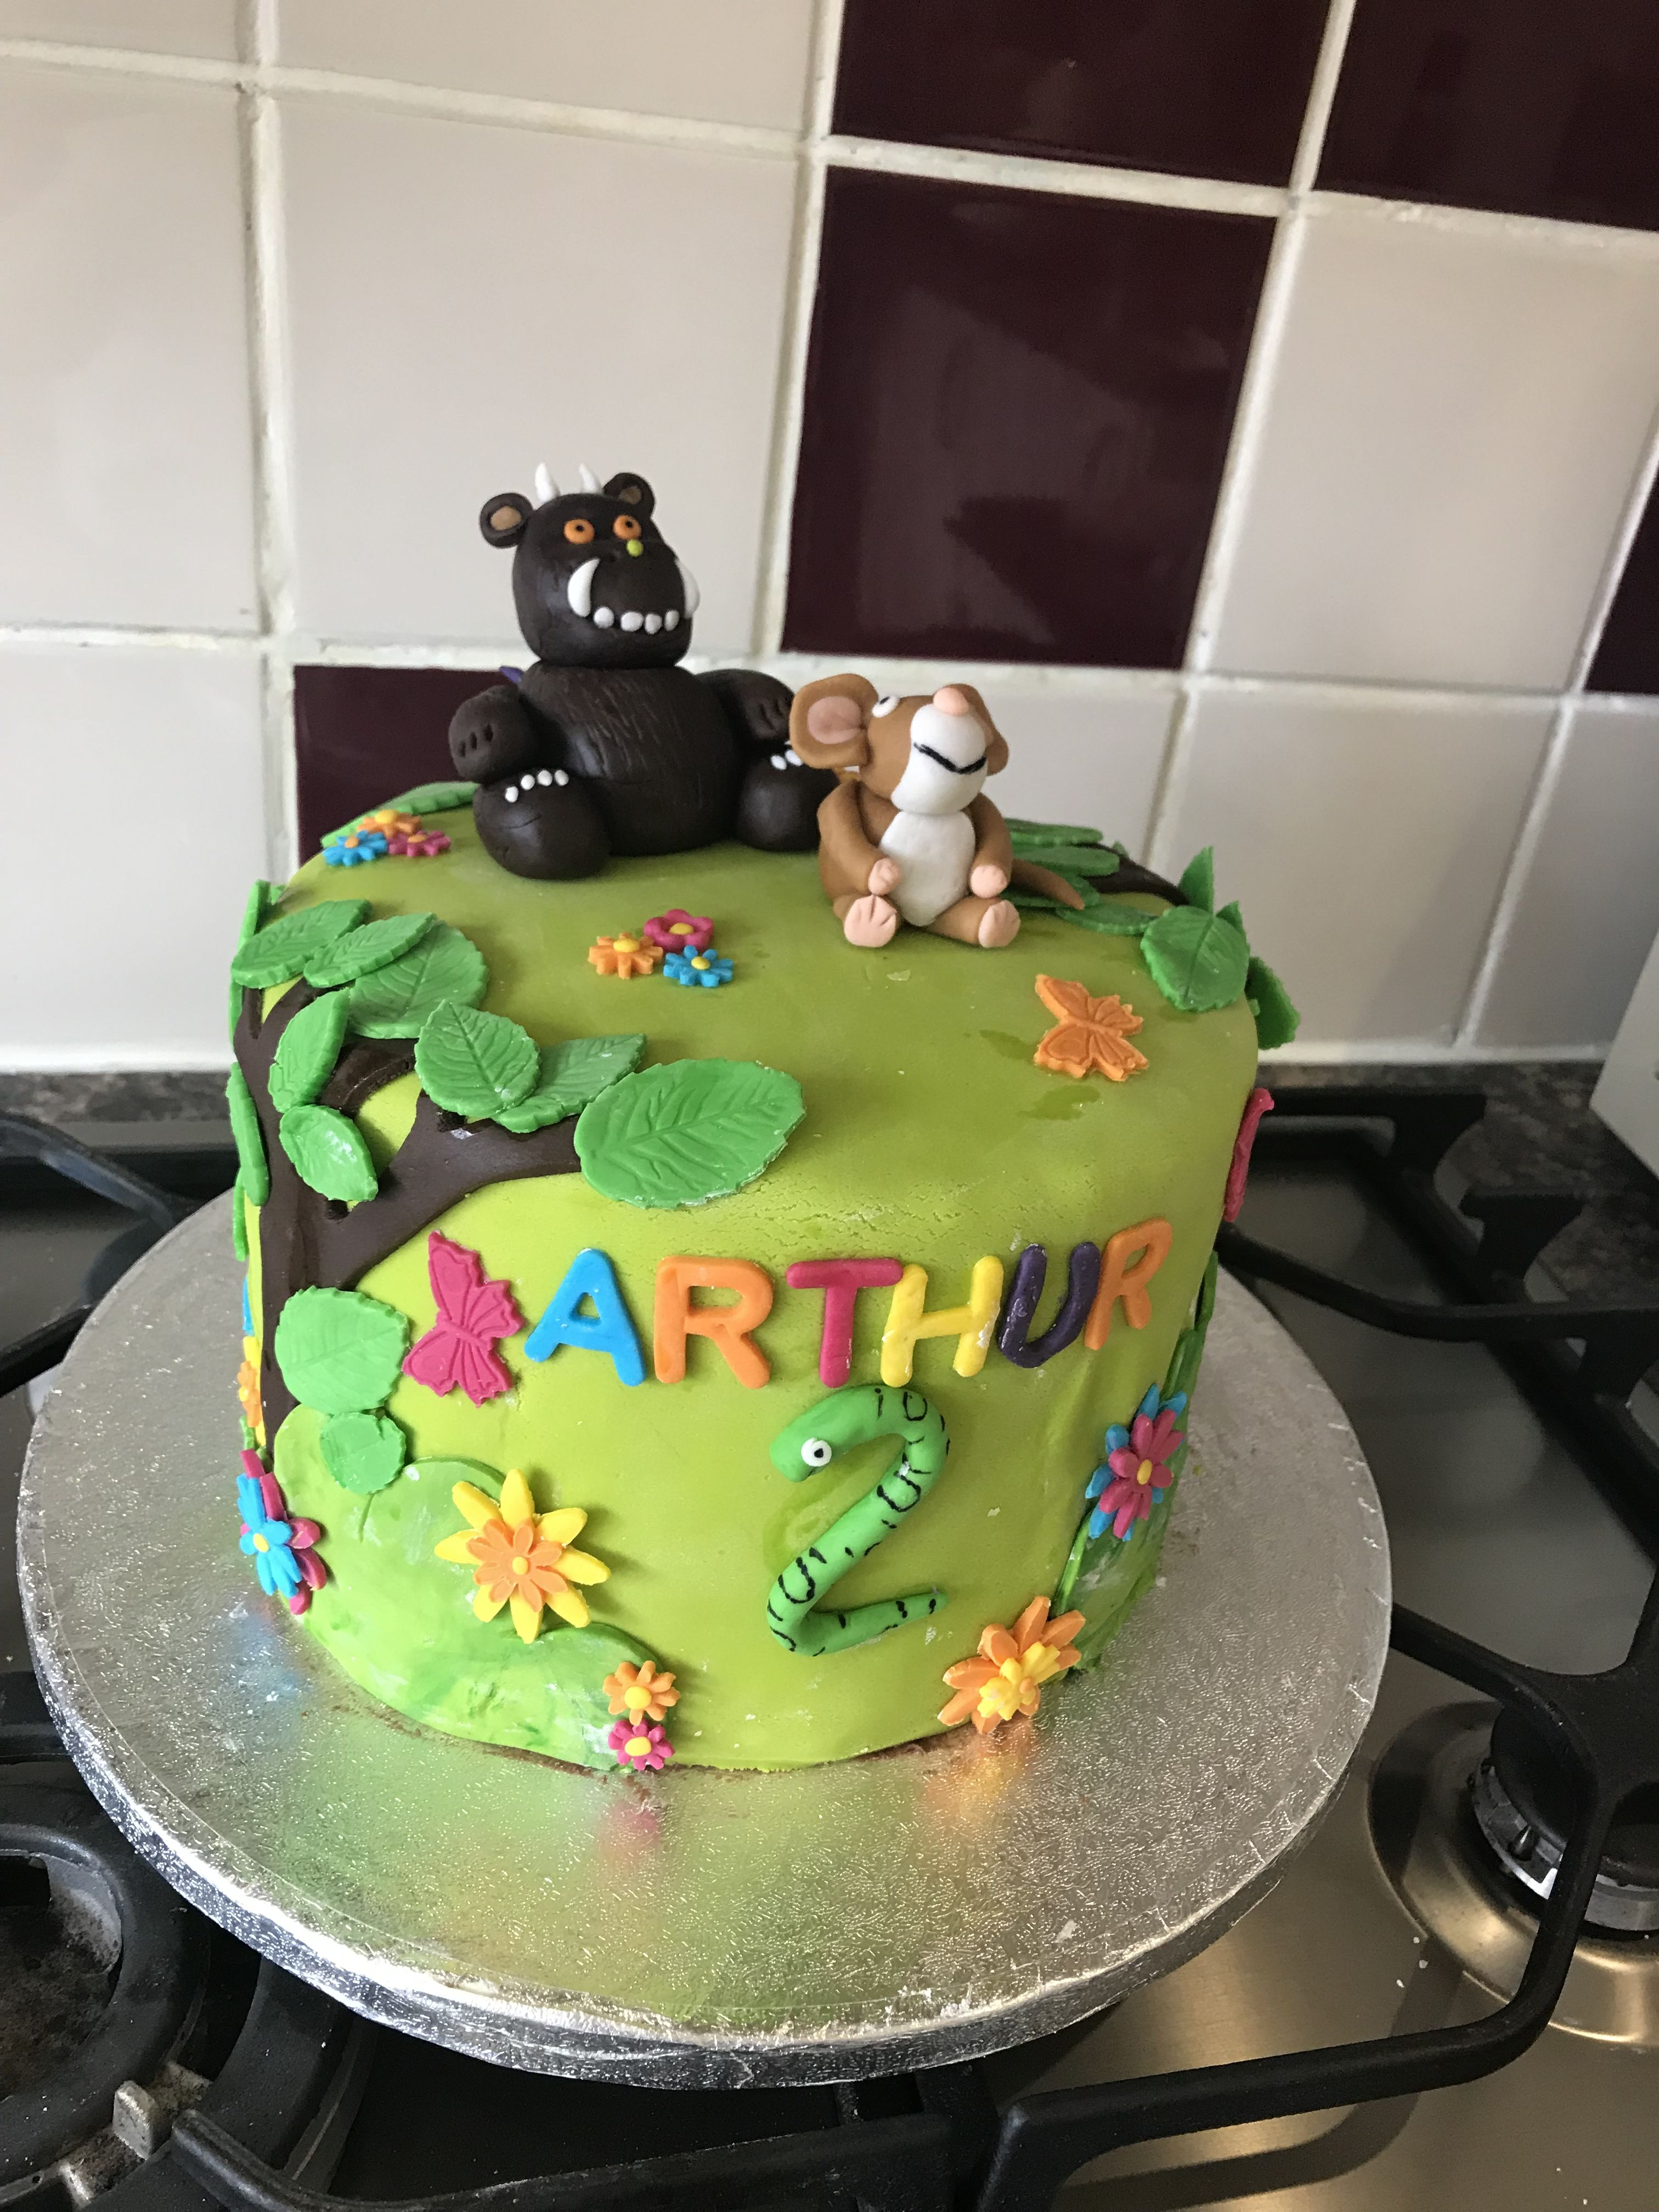 transformers birthday cake sainsbury's